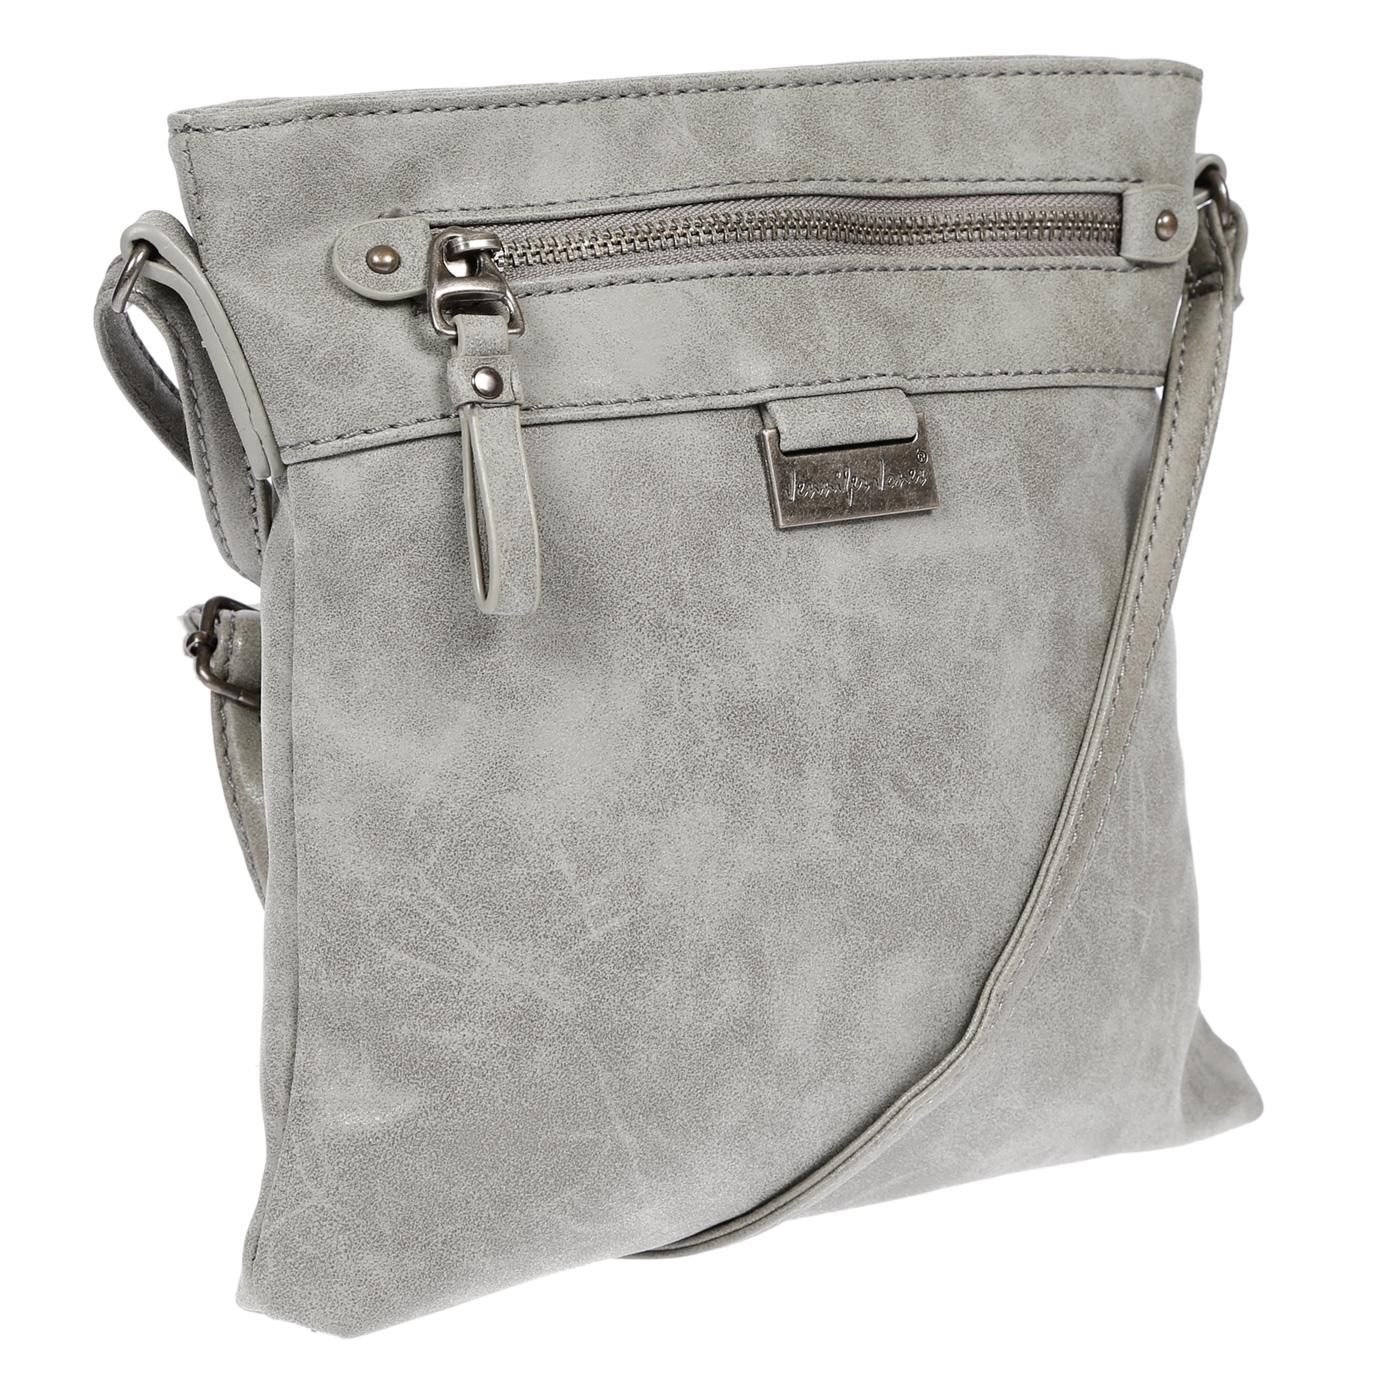 Damen-Handtasche-Umhaengetasche-Schultertasche-Tasche-Leder-Optik-Schwarz-Weiss Indexbild 38